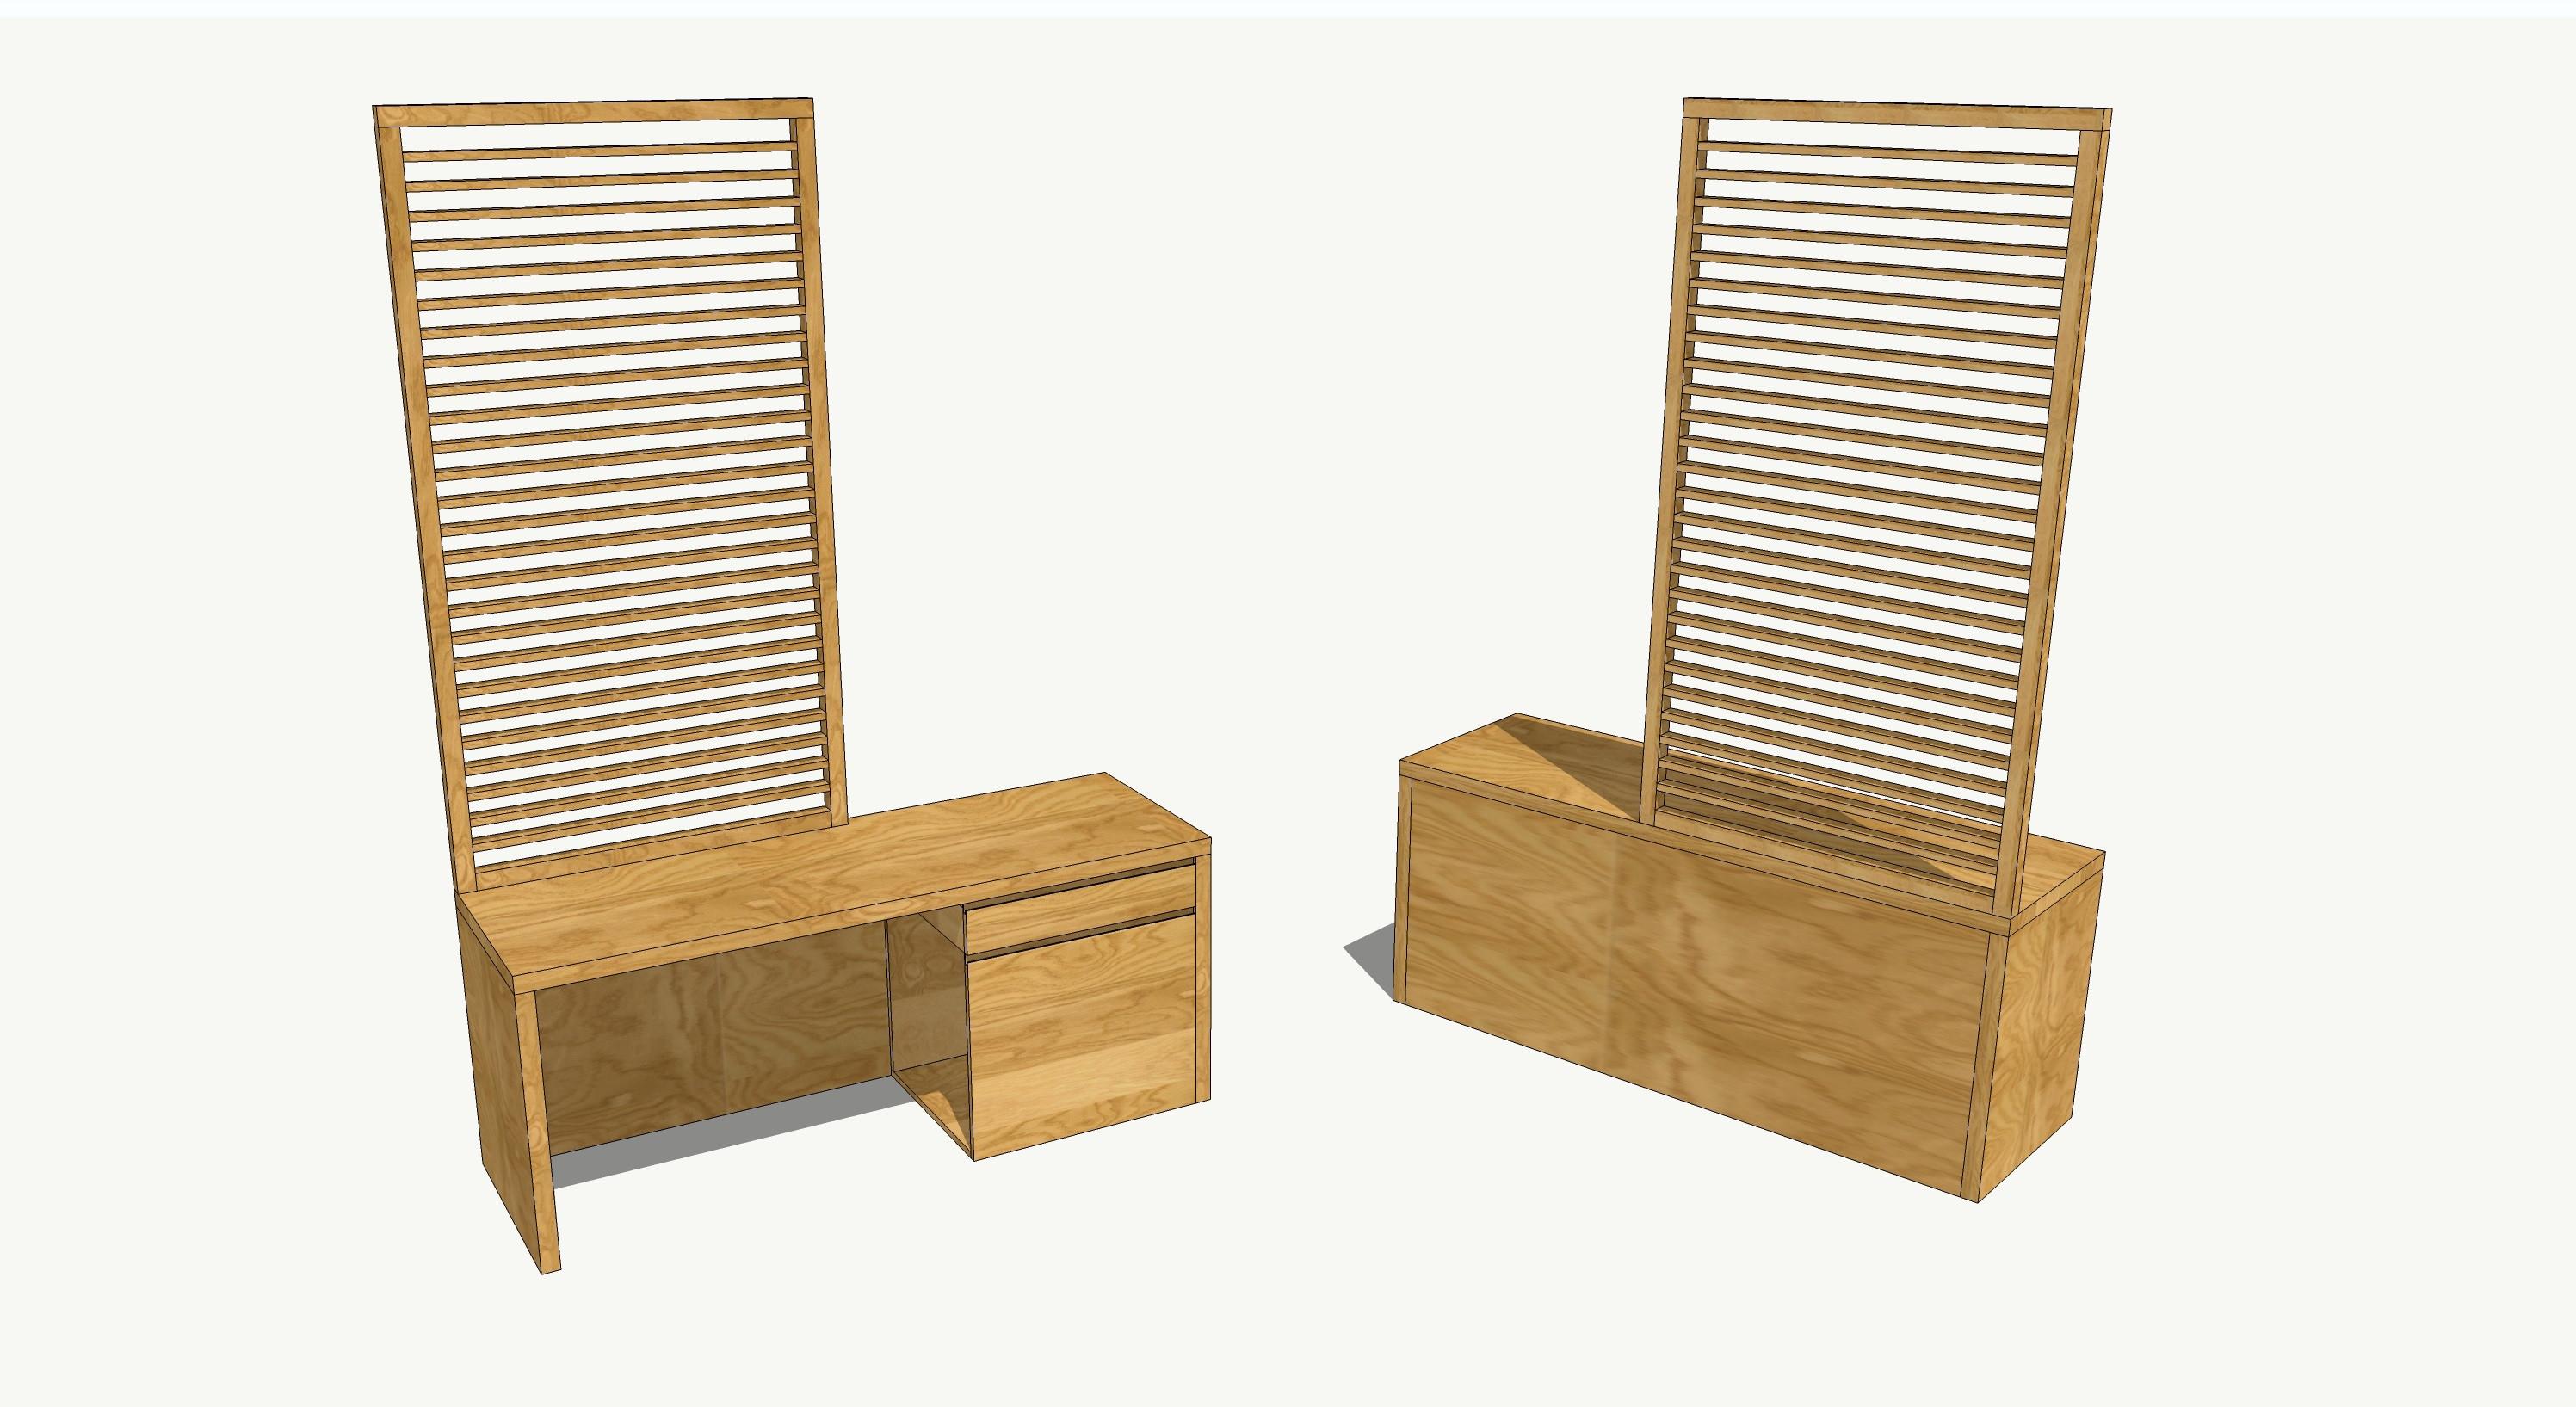 Paravent Ikea Pas Cher Meilleur De Galerie Panneau De Séparation Jardin Ainsi Que Contemporain Claustra